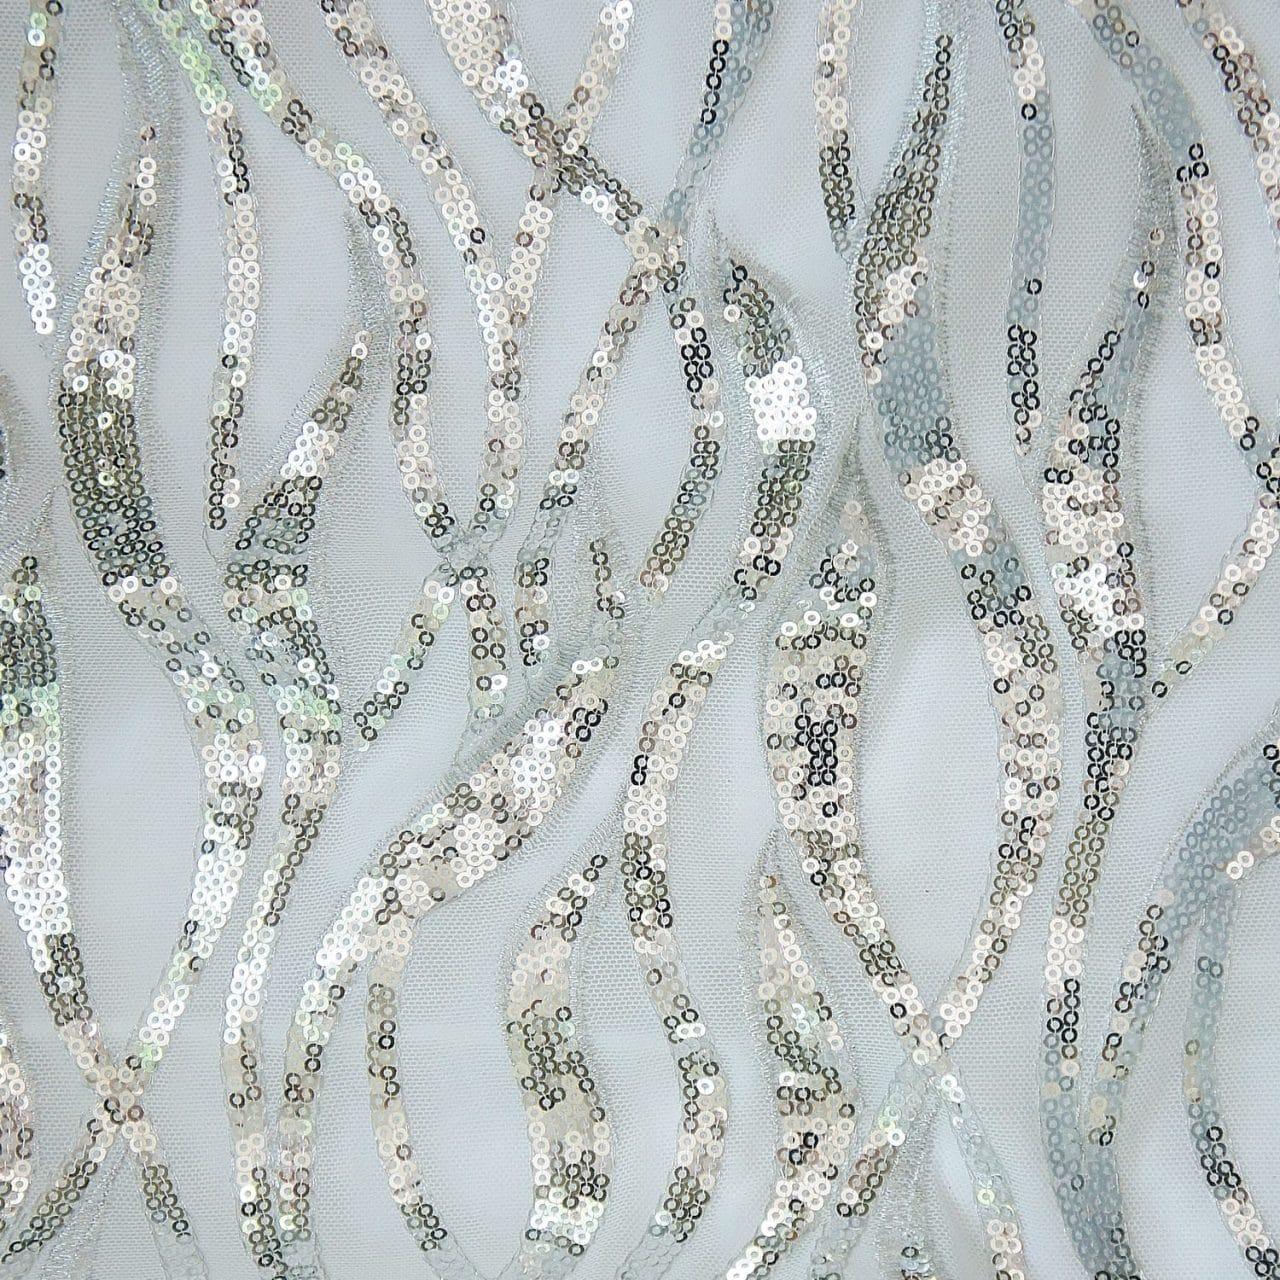 Admire Sequin Mesh – White / Silver